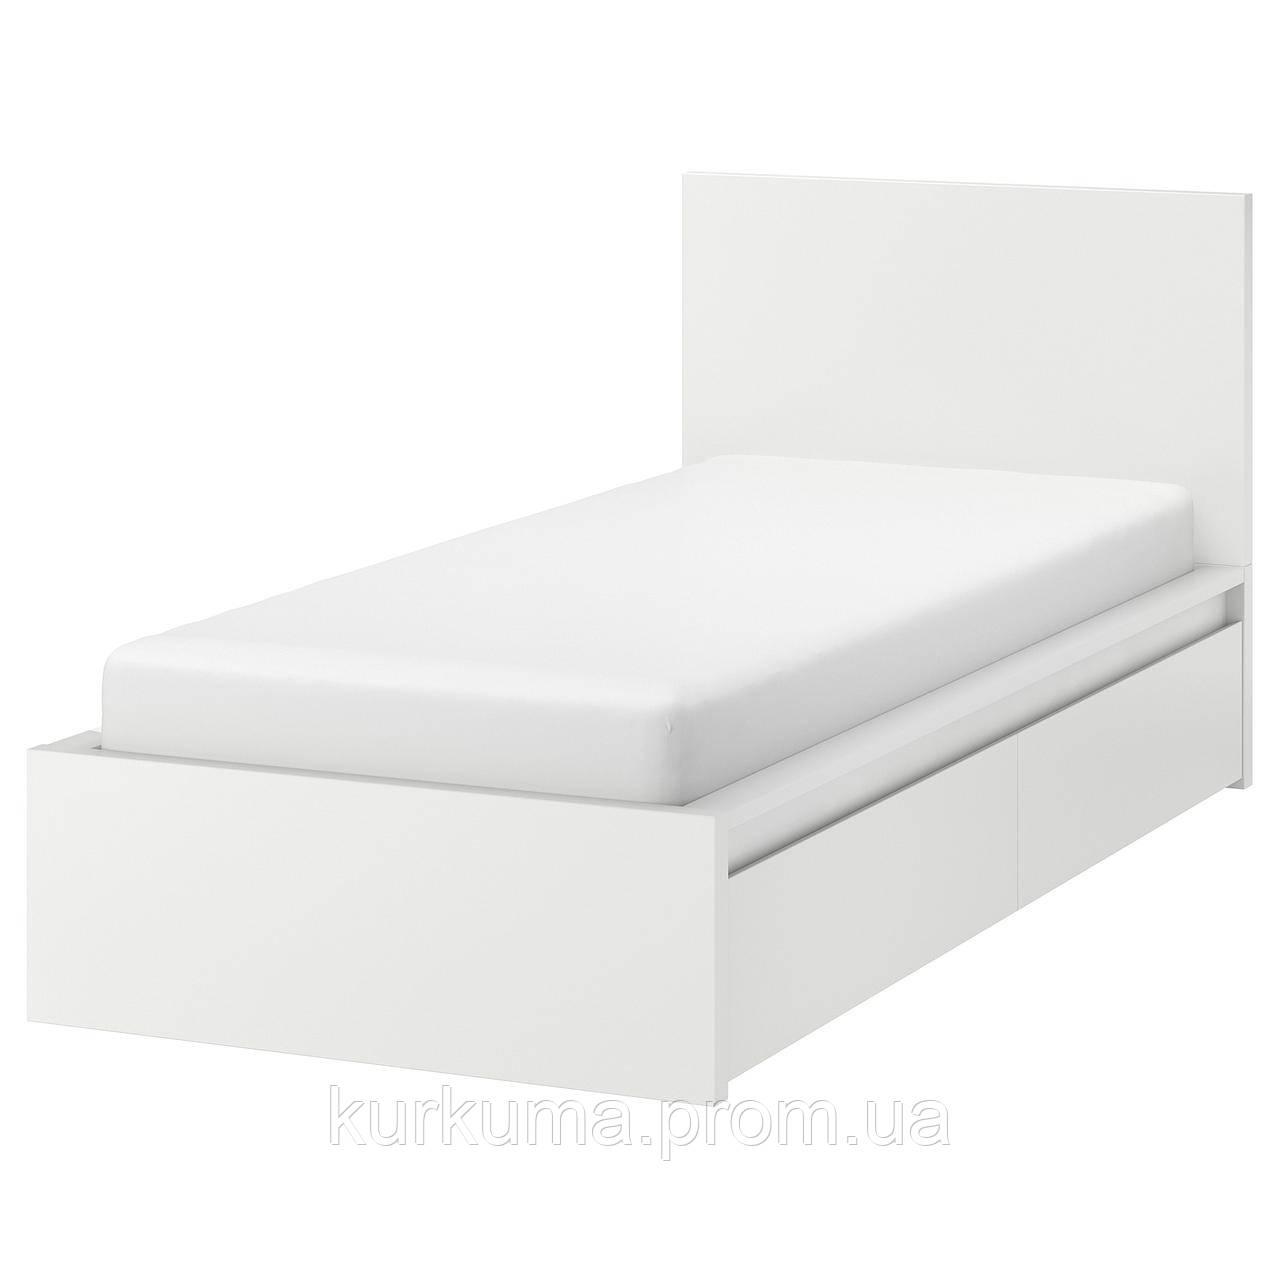 IKEA MALM Кровать высокая с 2 ящиками для хранения, белый, Леирсунд  (690.327.20)